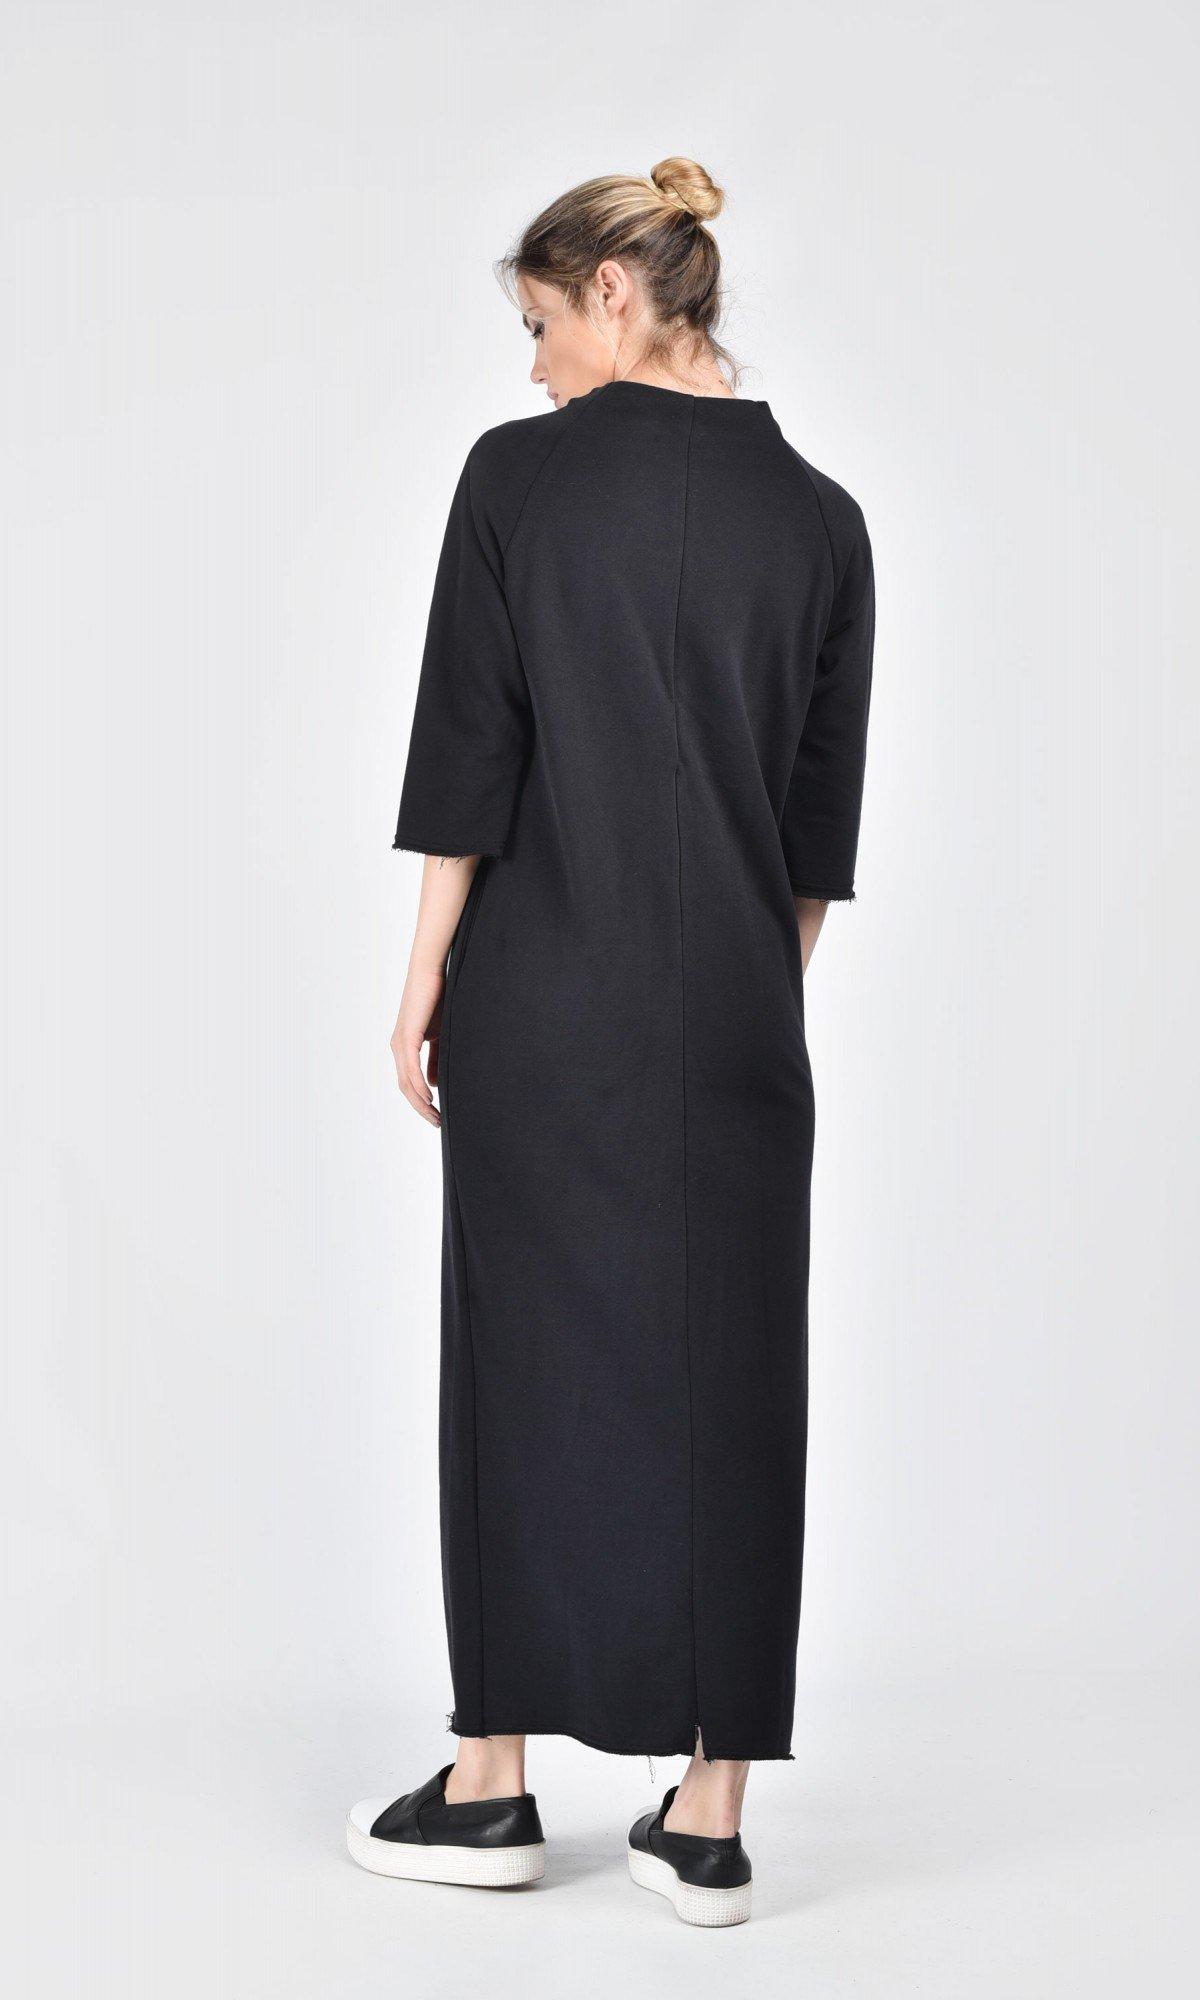 Black Cotton Side Slits Dress A03172